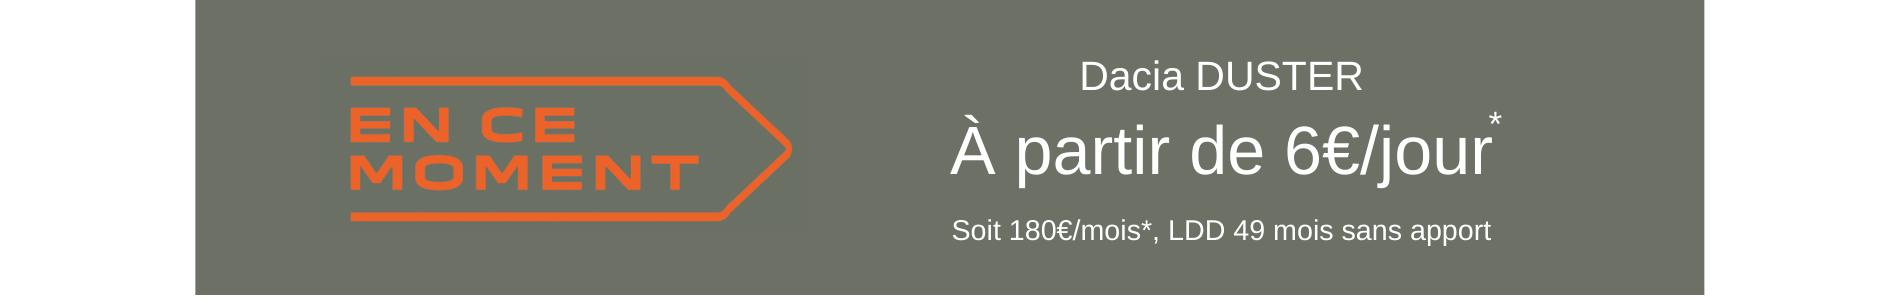 PRIX DACIA DUSTER